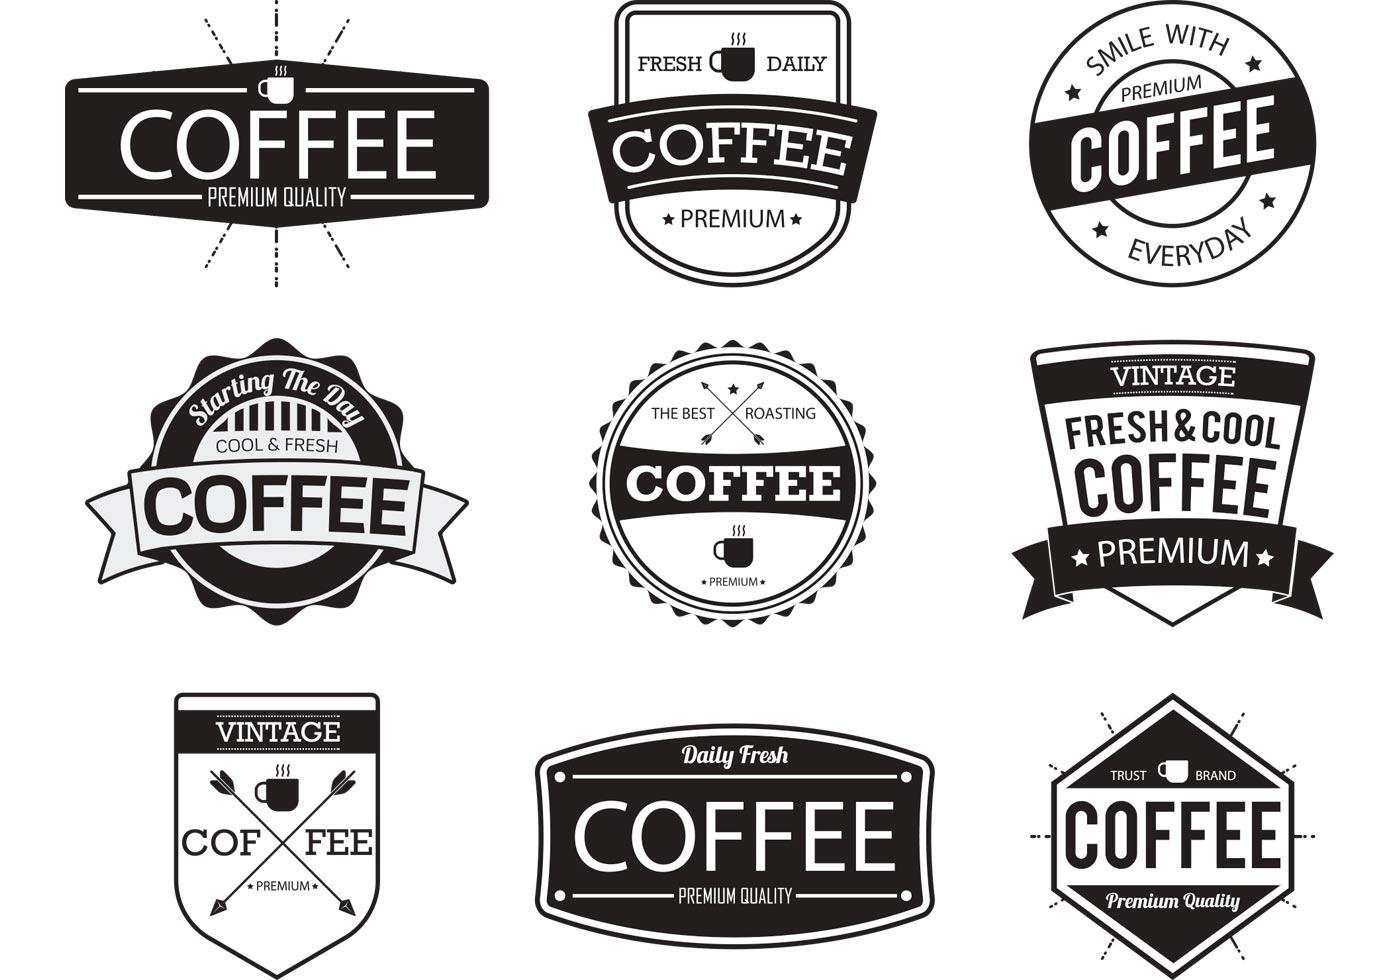 Coffee Badge Vectors - Download Free Vectors, Clipart ...